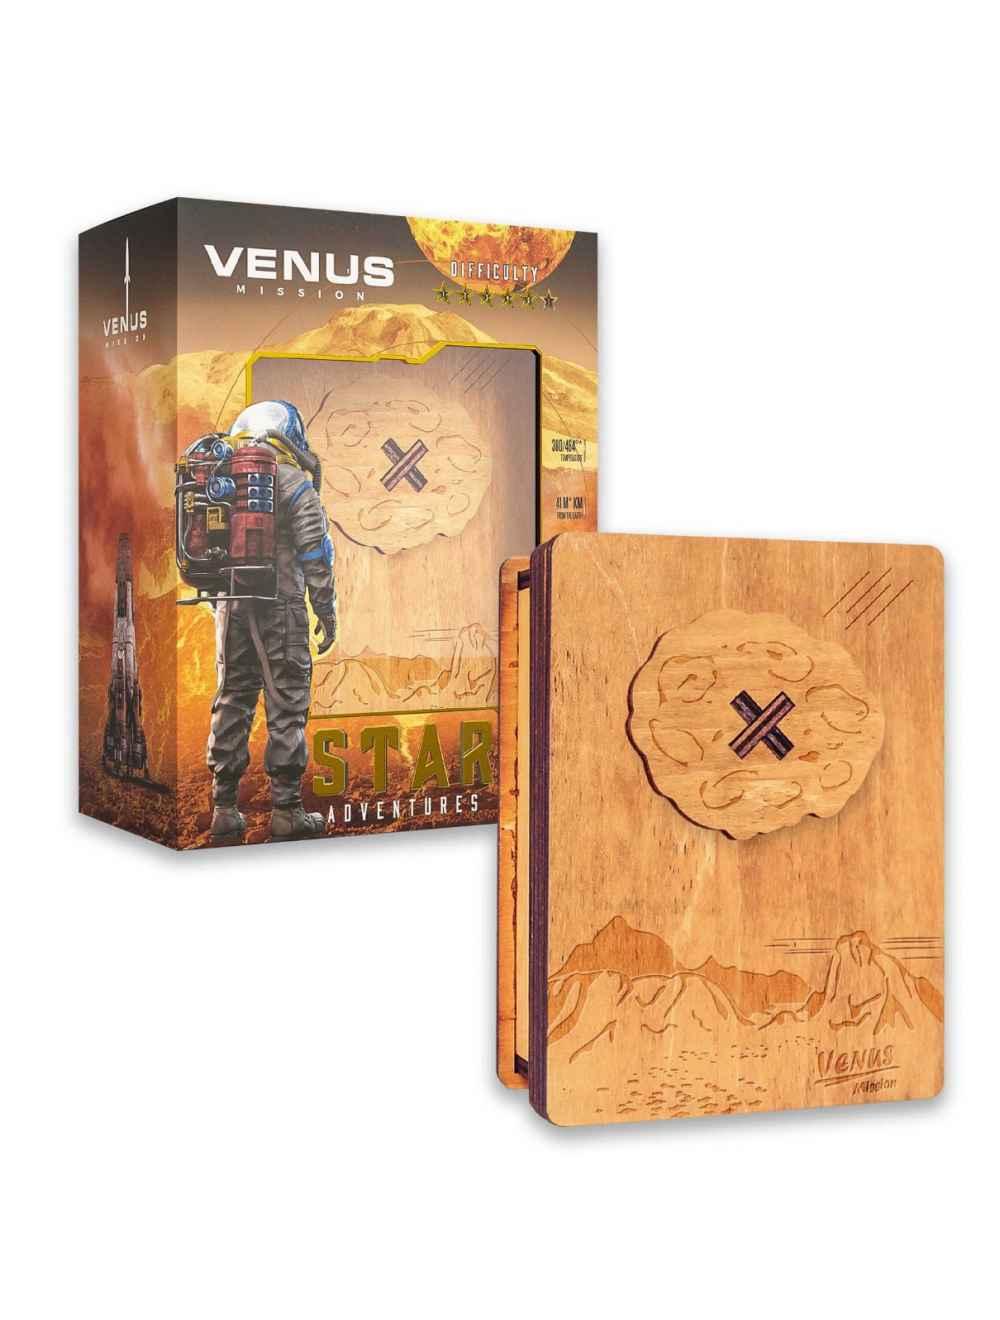 STAR ADVENTURES - VENUS